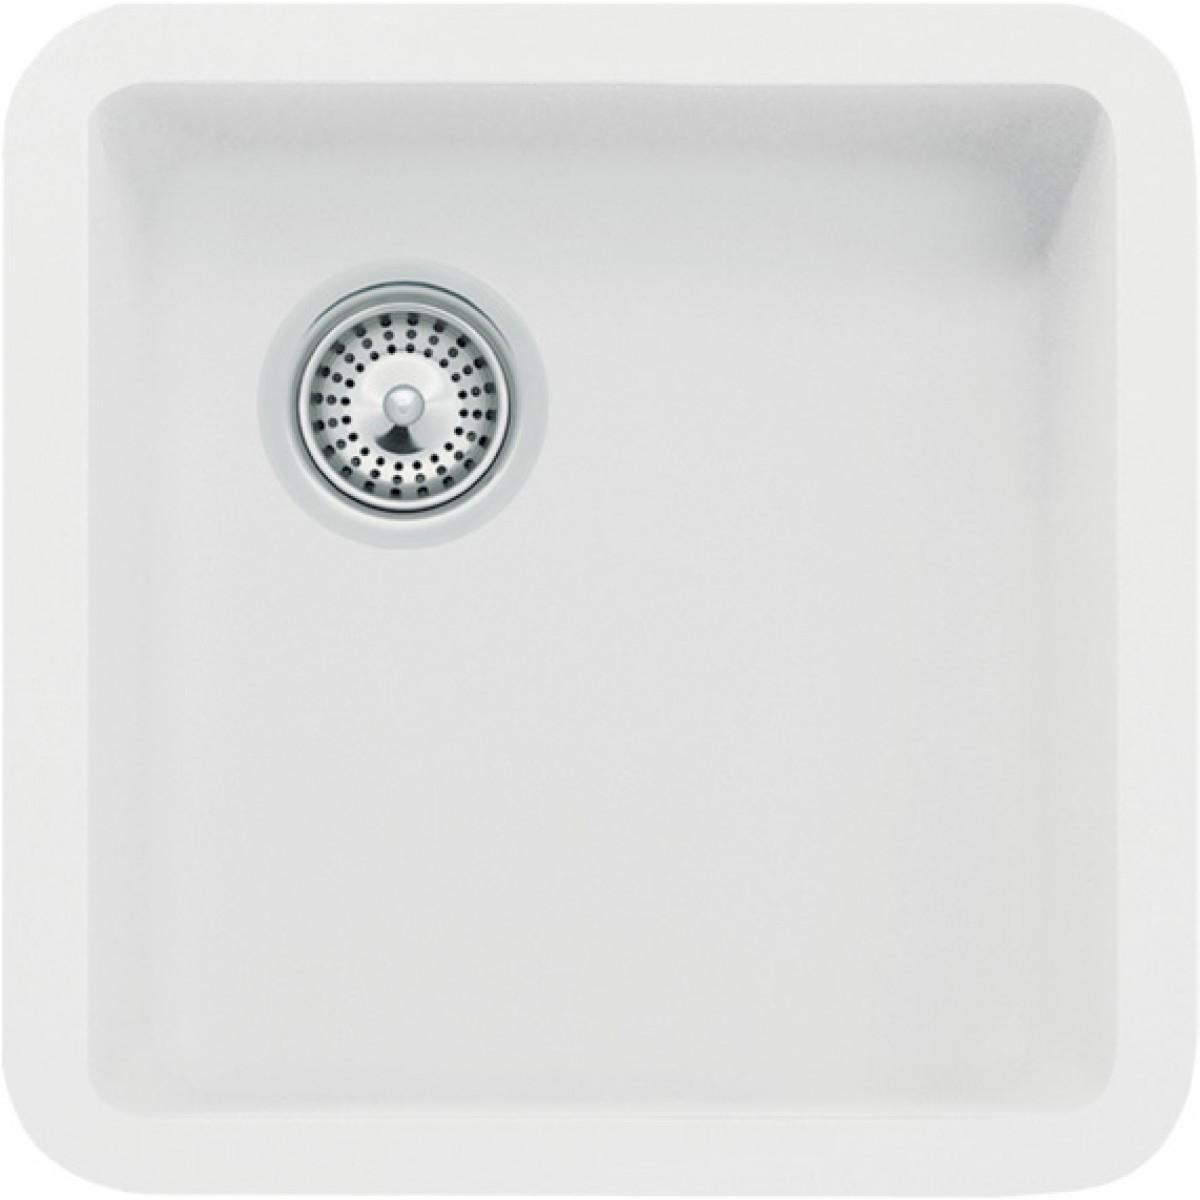 White Quartz Composite Undermount / Drop In Kitchen Sink - 14-7/8 ...